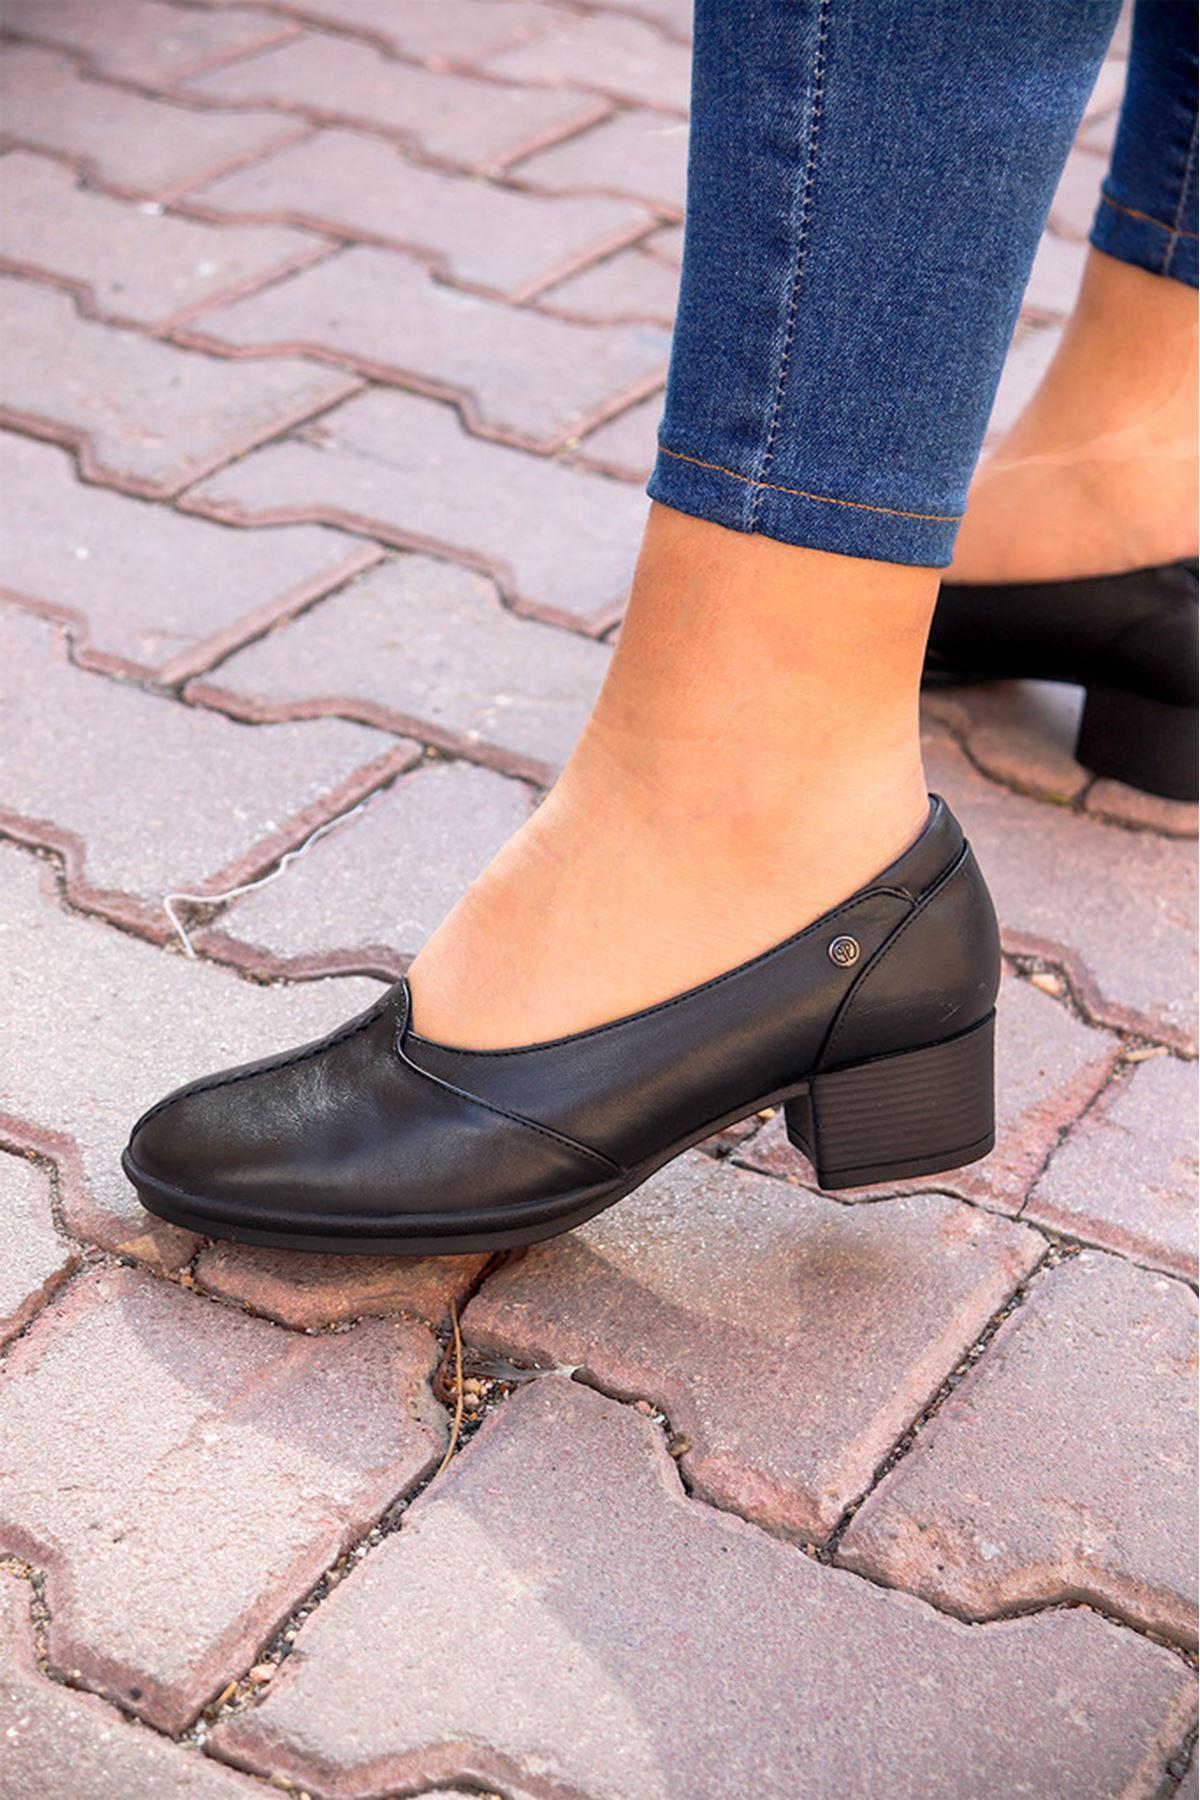 Forelli - 57202 Siyah Topuklu Kadın Ayakkabısı